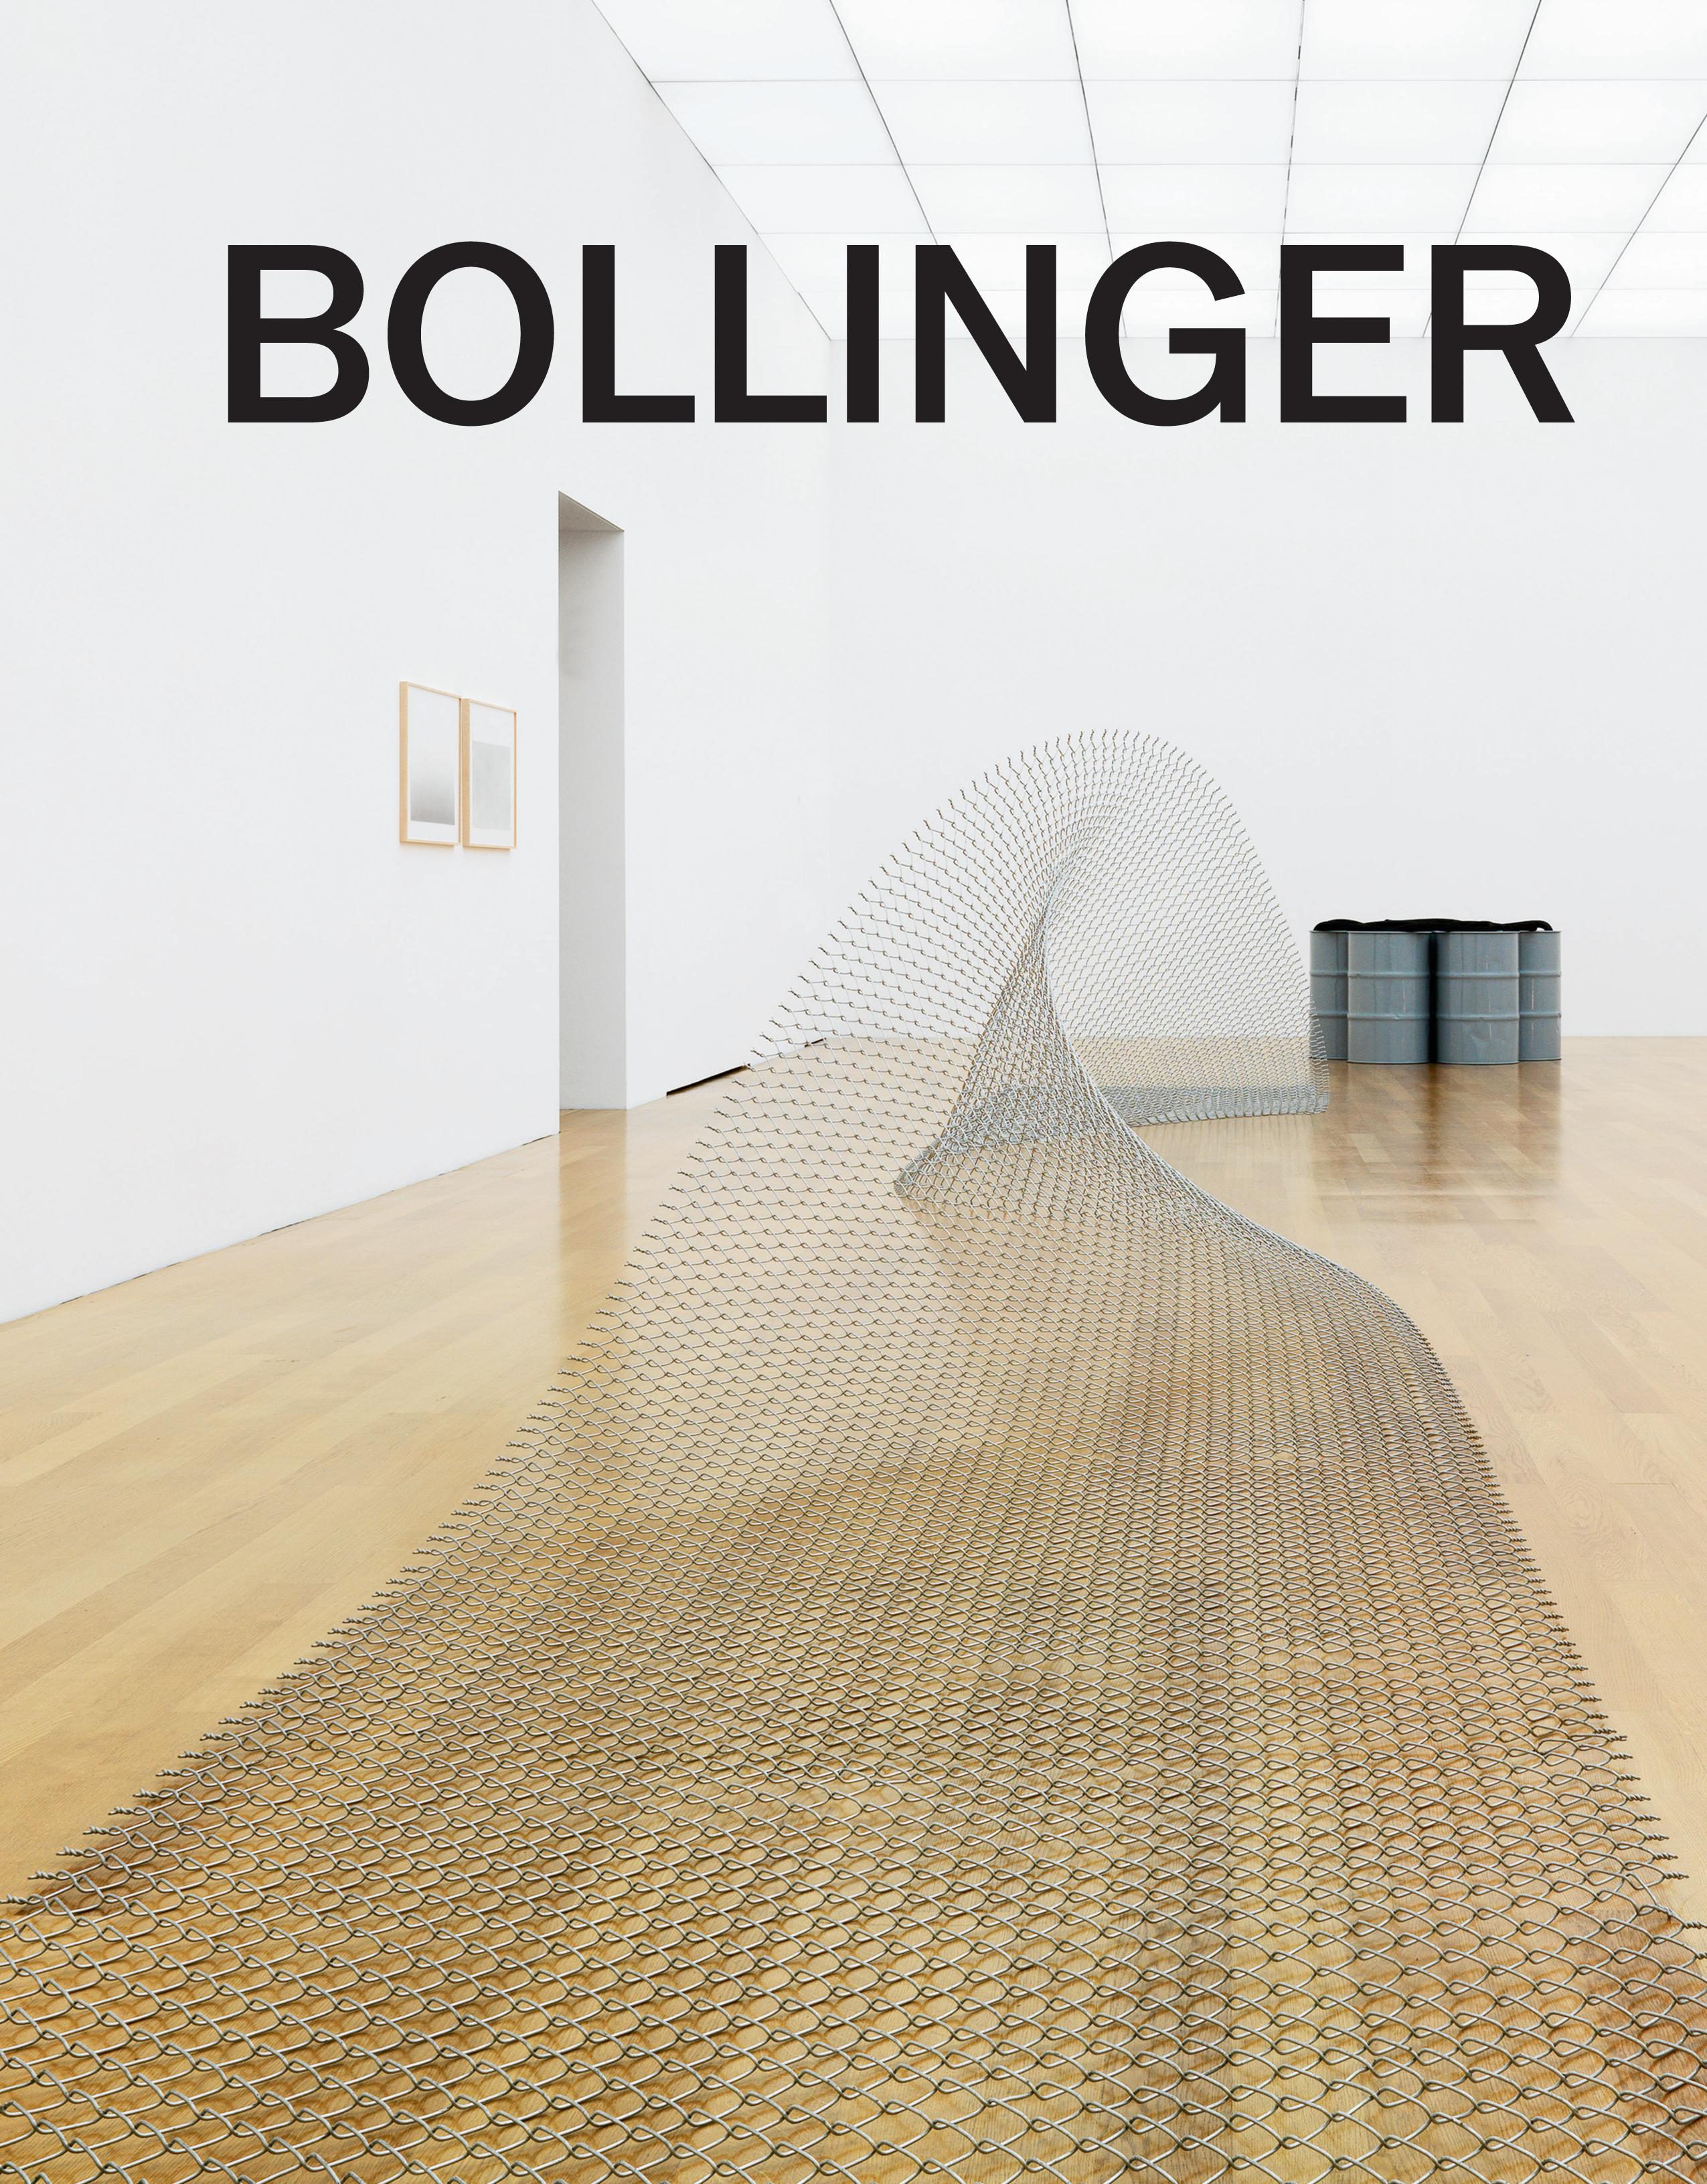 2011_Bollinger-1